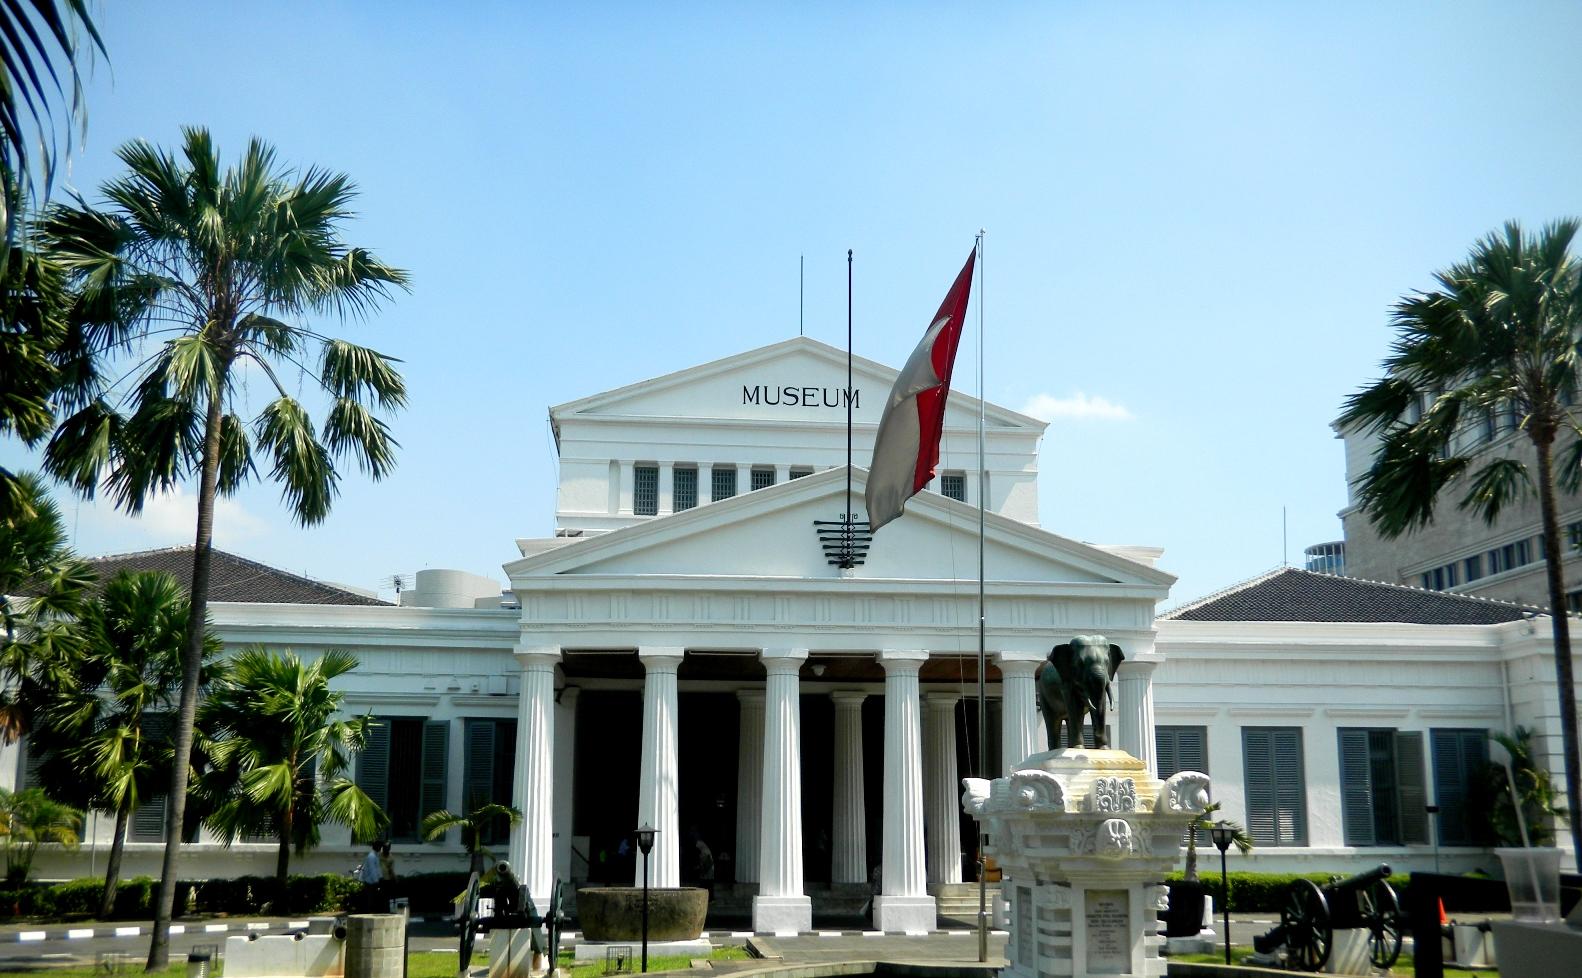 Museum Gajah Jakarta Wisata Sejarah Ke Museum Pertama Di Asia Tenggara Jakarta